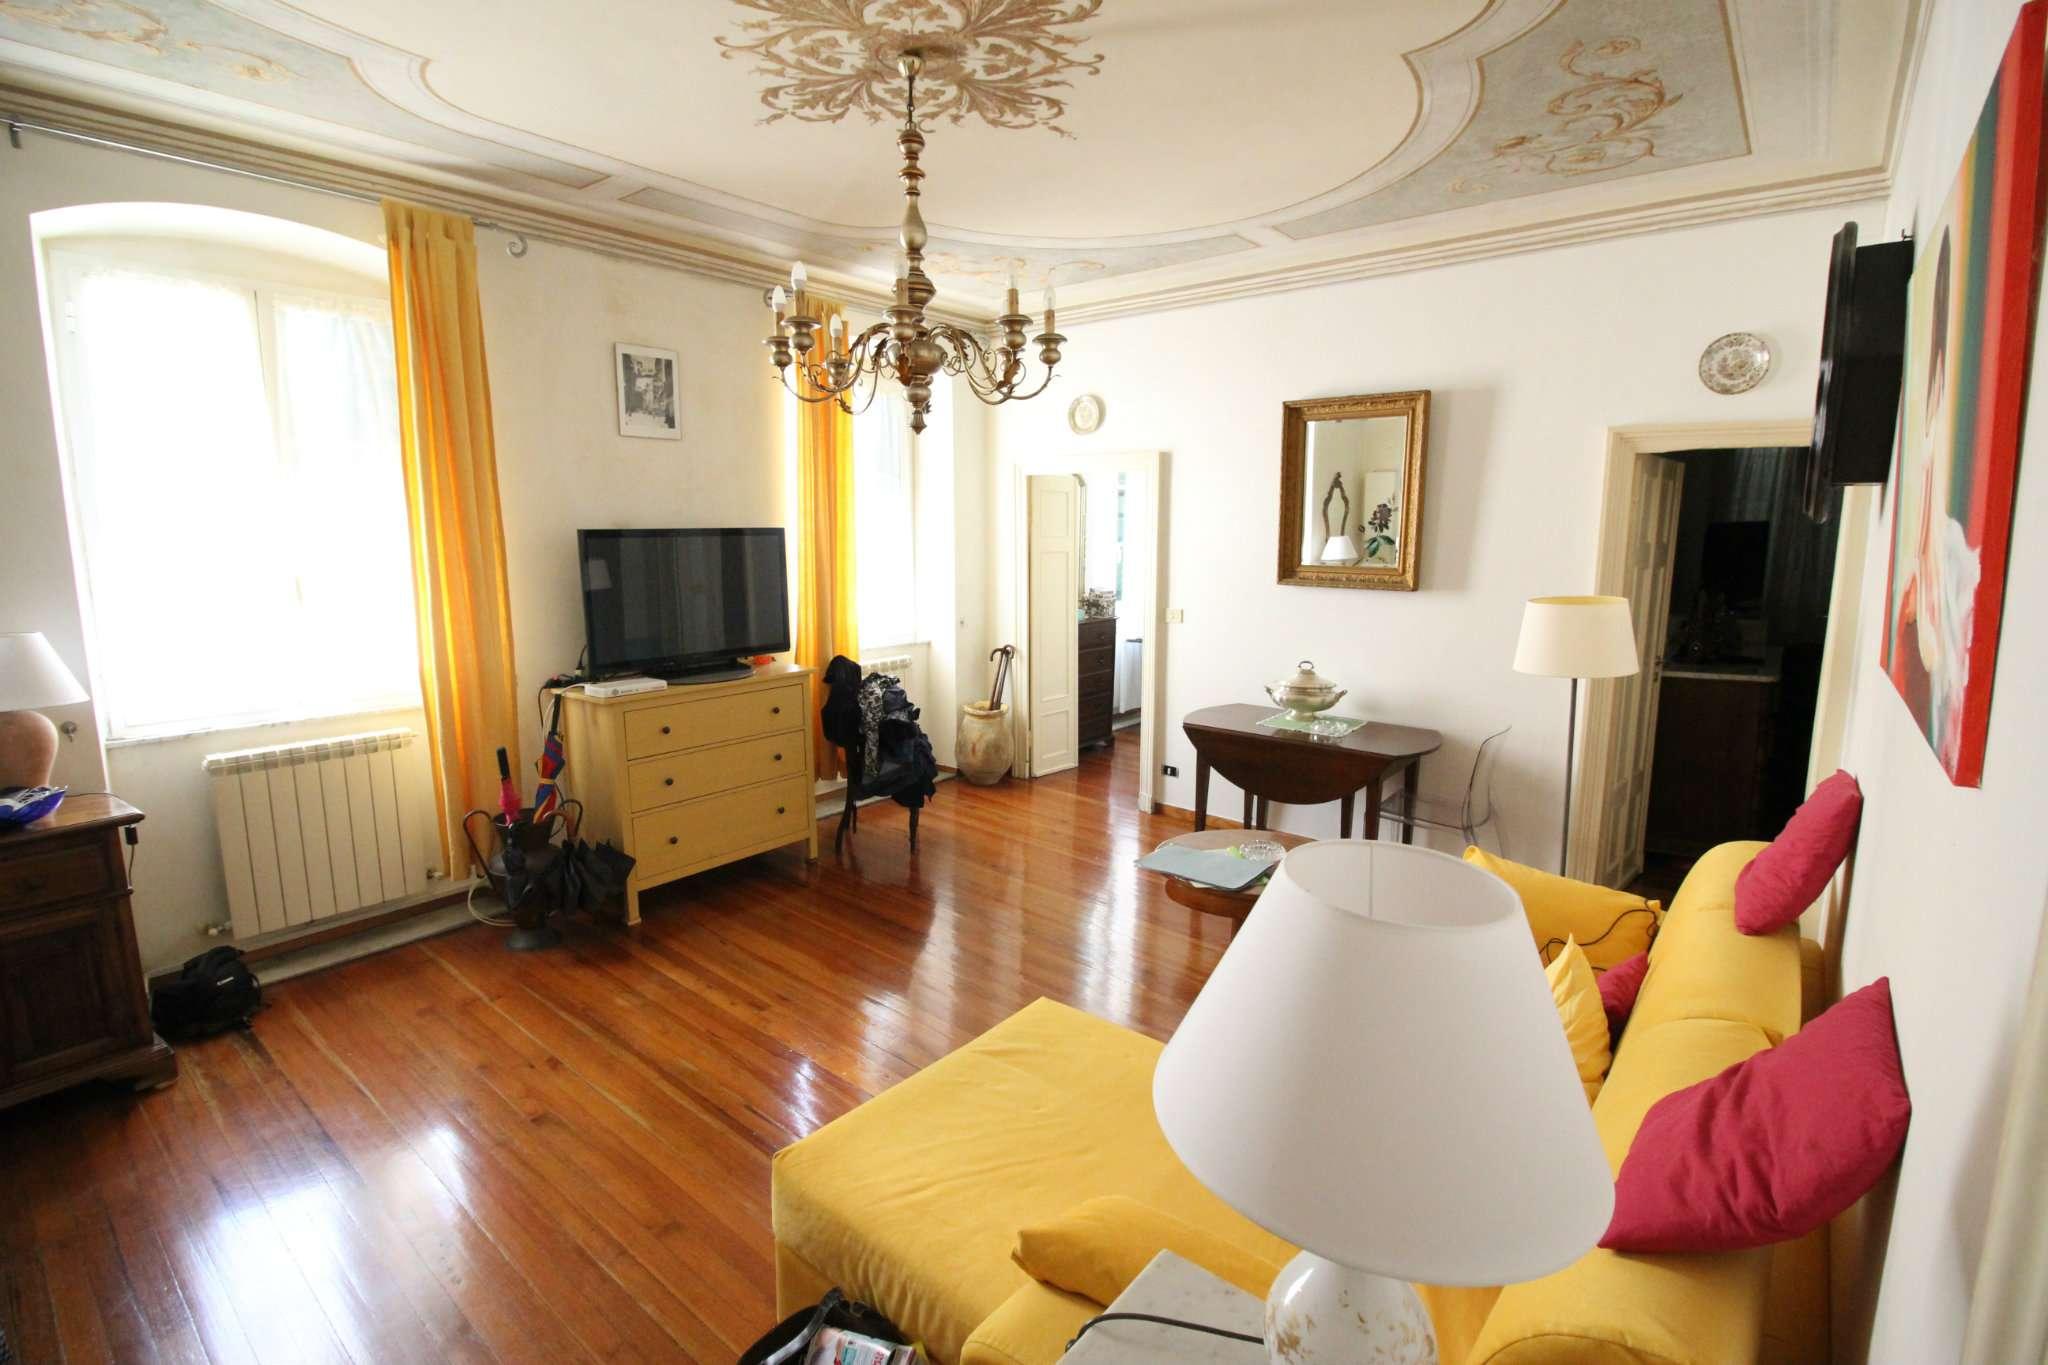 Appartamento in vendita a Sori, 3 locali, prezzo € 260.000 | CambioCasa.it